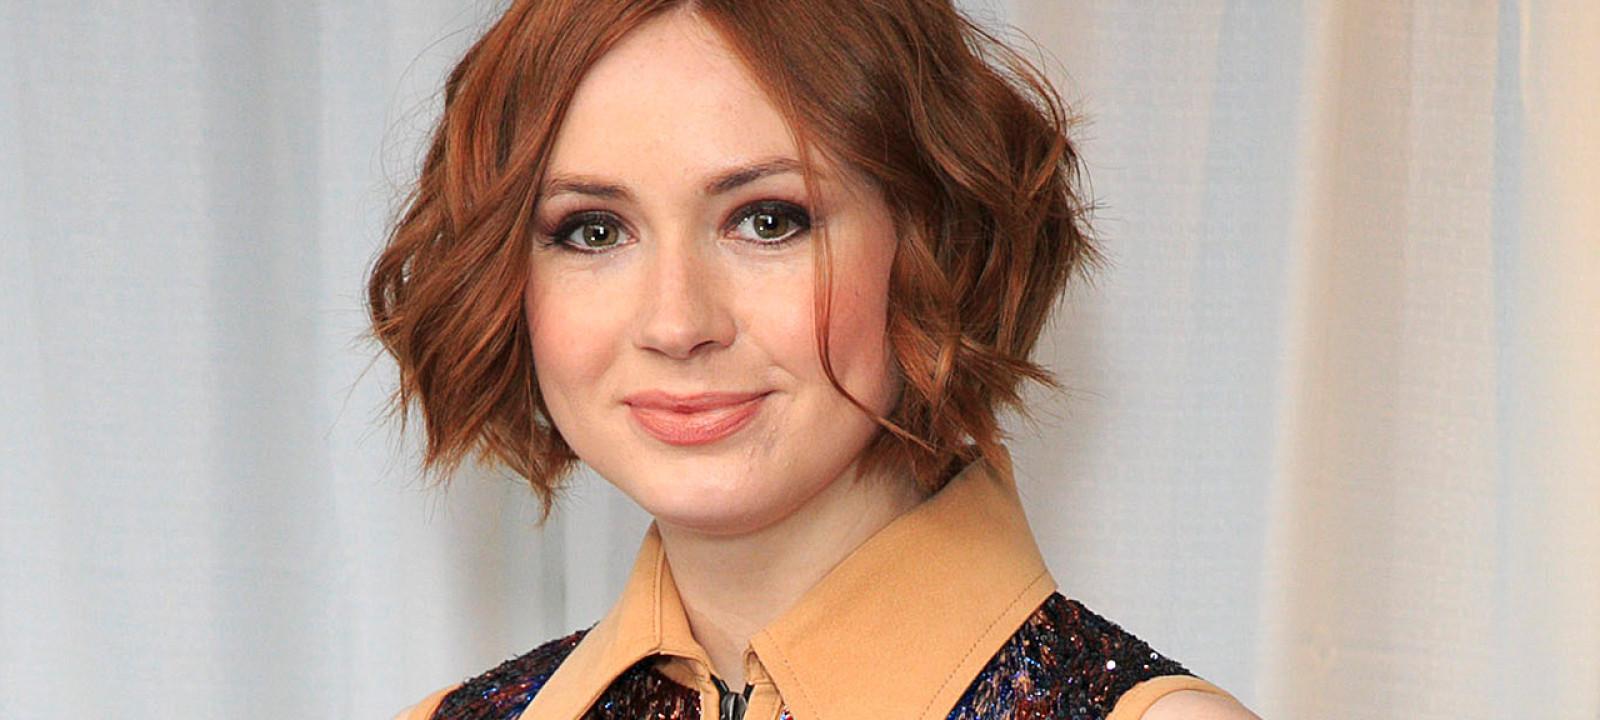 Karen Gillan (Pic: Ian Gavan/Getty Images)